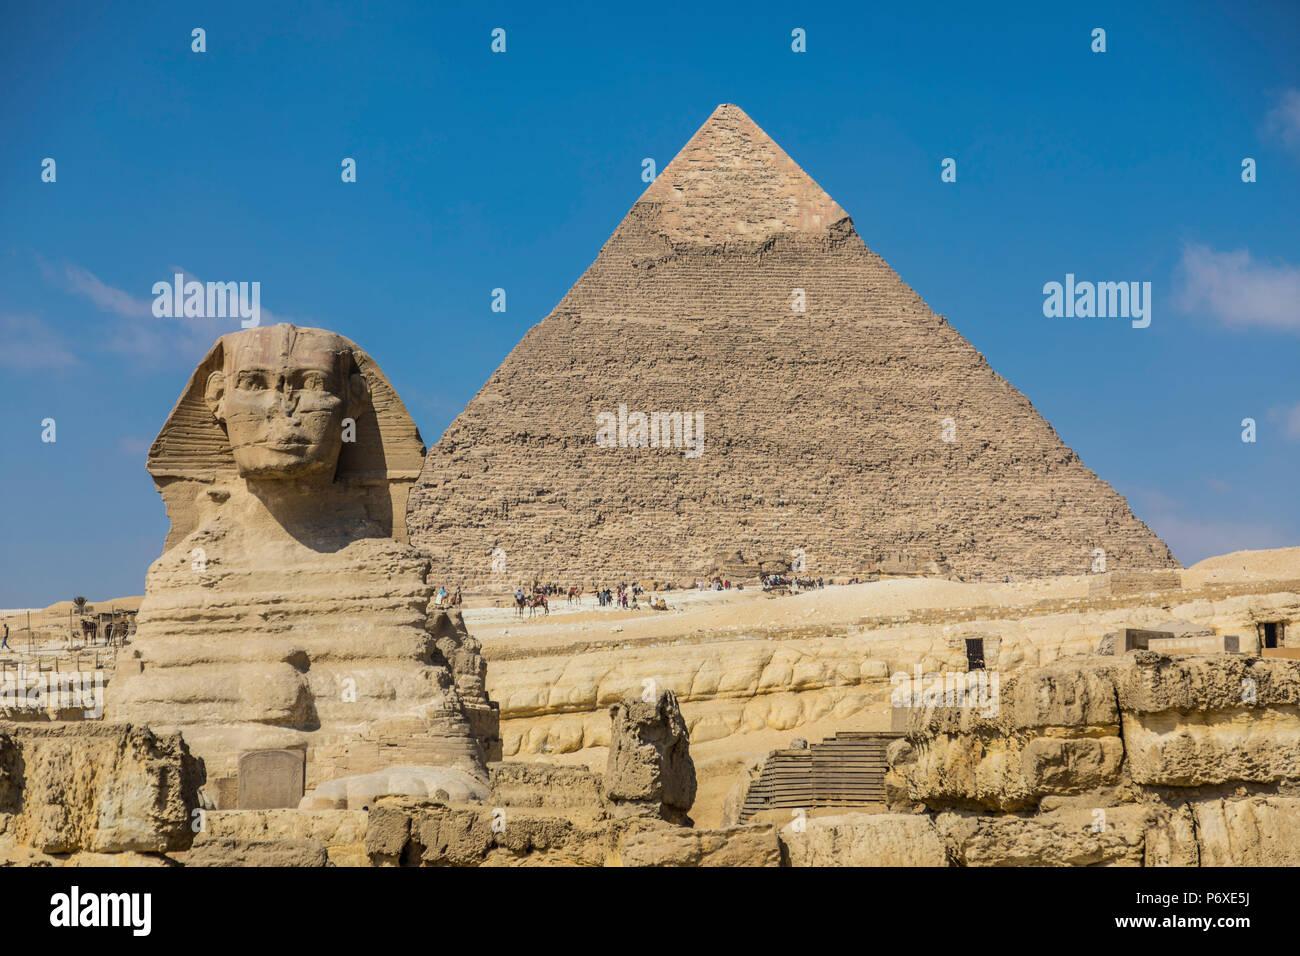 Sphinx et pyramide de Khéphren (Khafré), des pyramides de Gizeh, Giza, Le Caire, Egypte Photo Stock